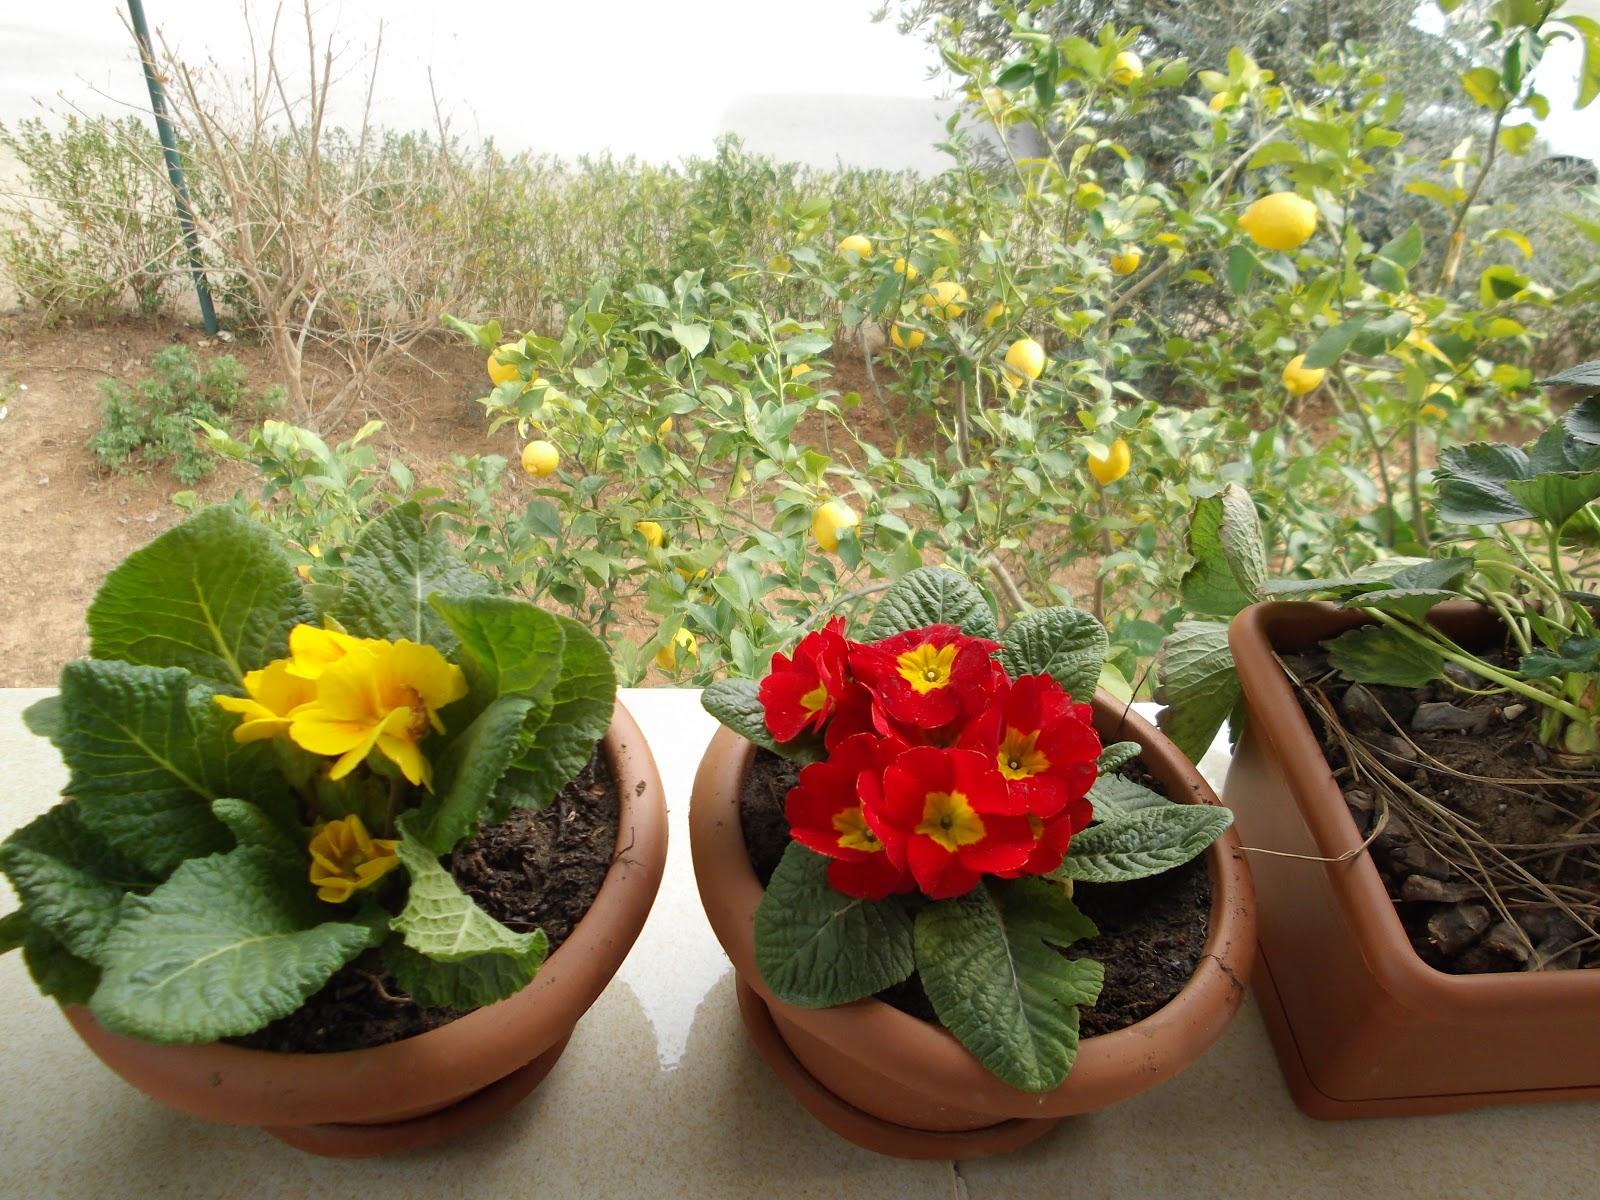 Kaktüslerin çoğaltılması: bahçecilik danışmanlığı